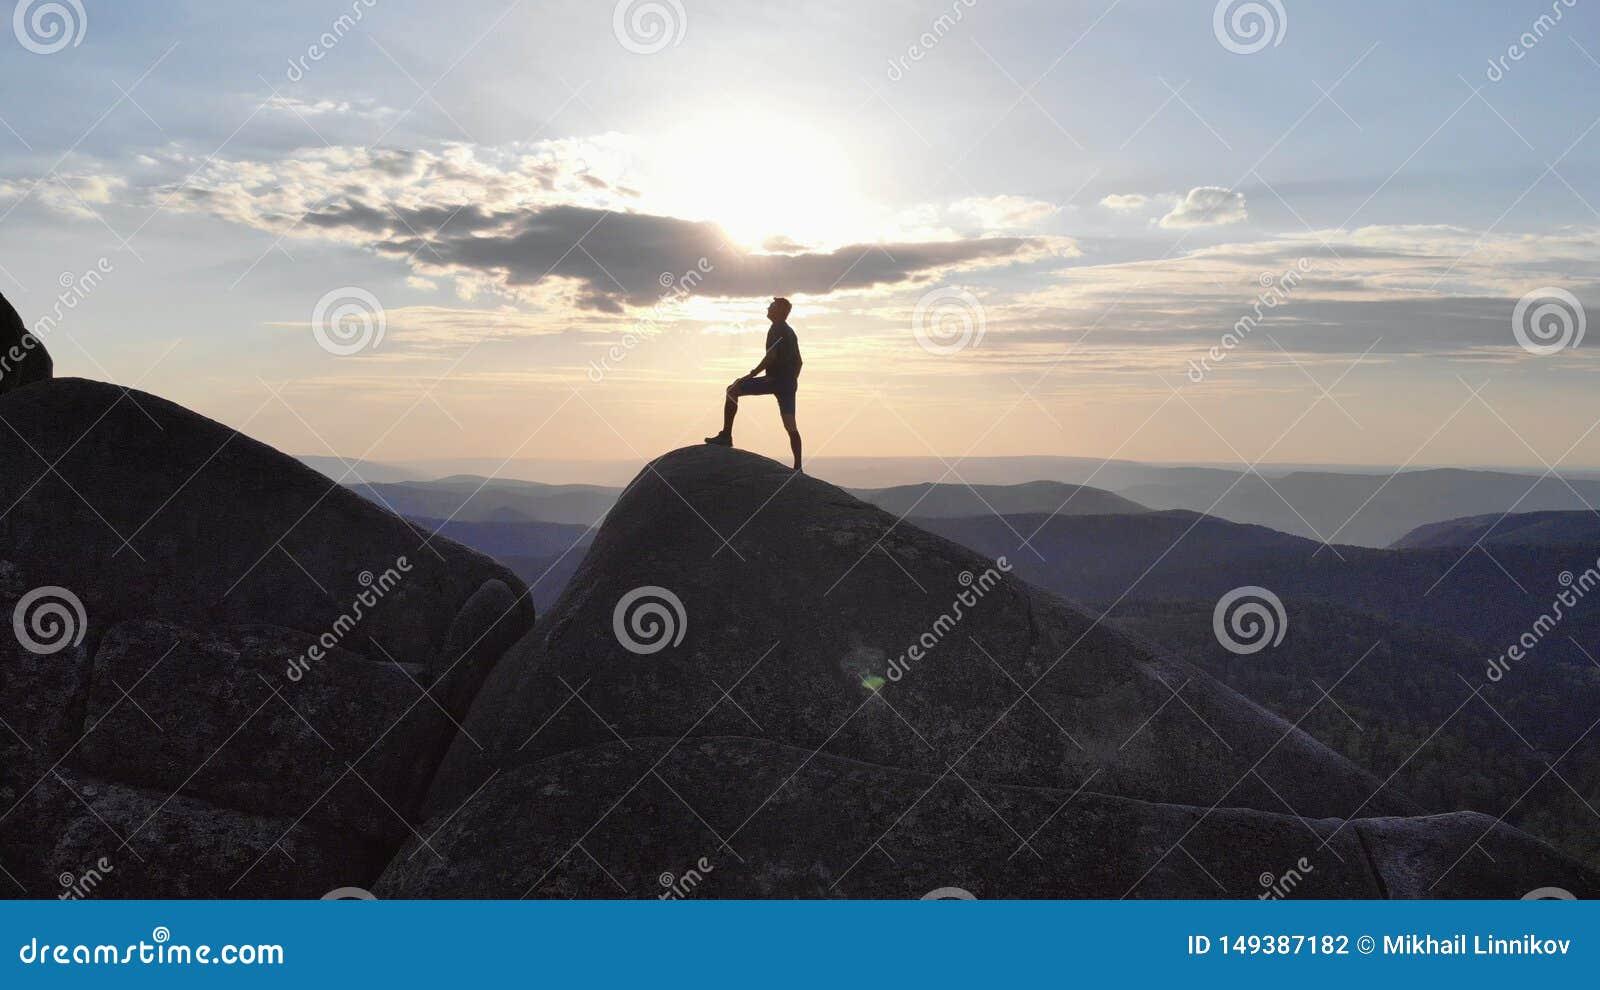 La silueta de un hombre que se coloca triunfante en un top de la montaña en la puesta del sol